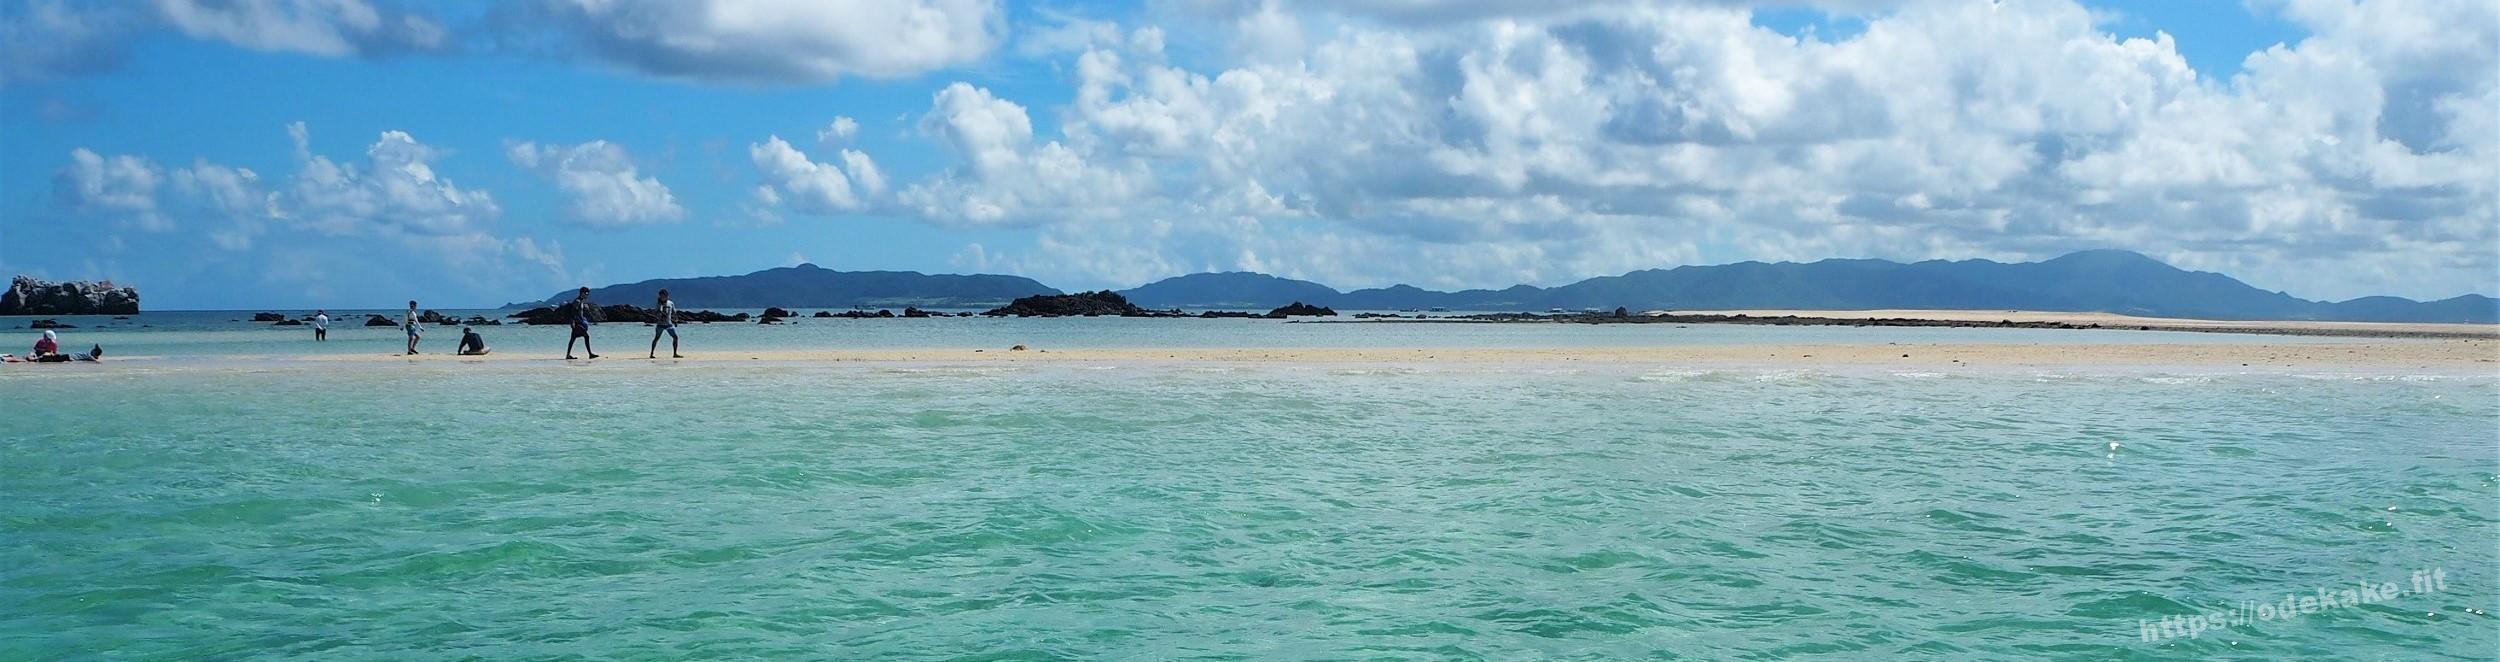 【石垣沖】幻の島(浜島)に上陸!海上に浮かぶビーチ